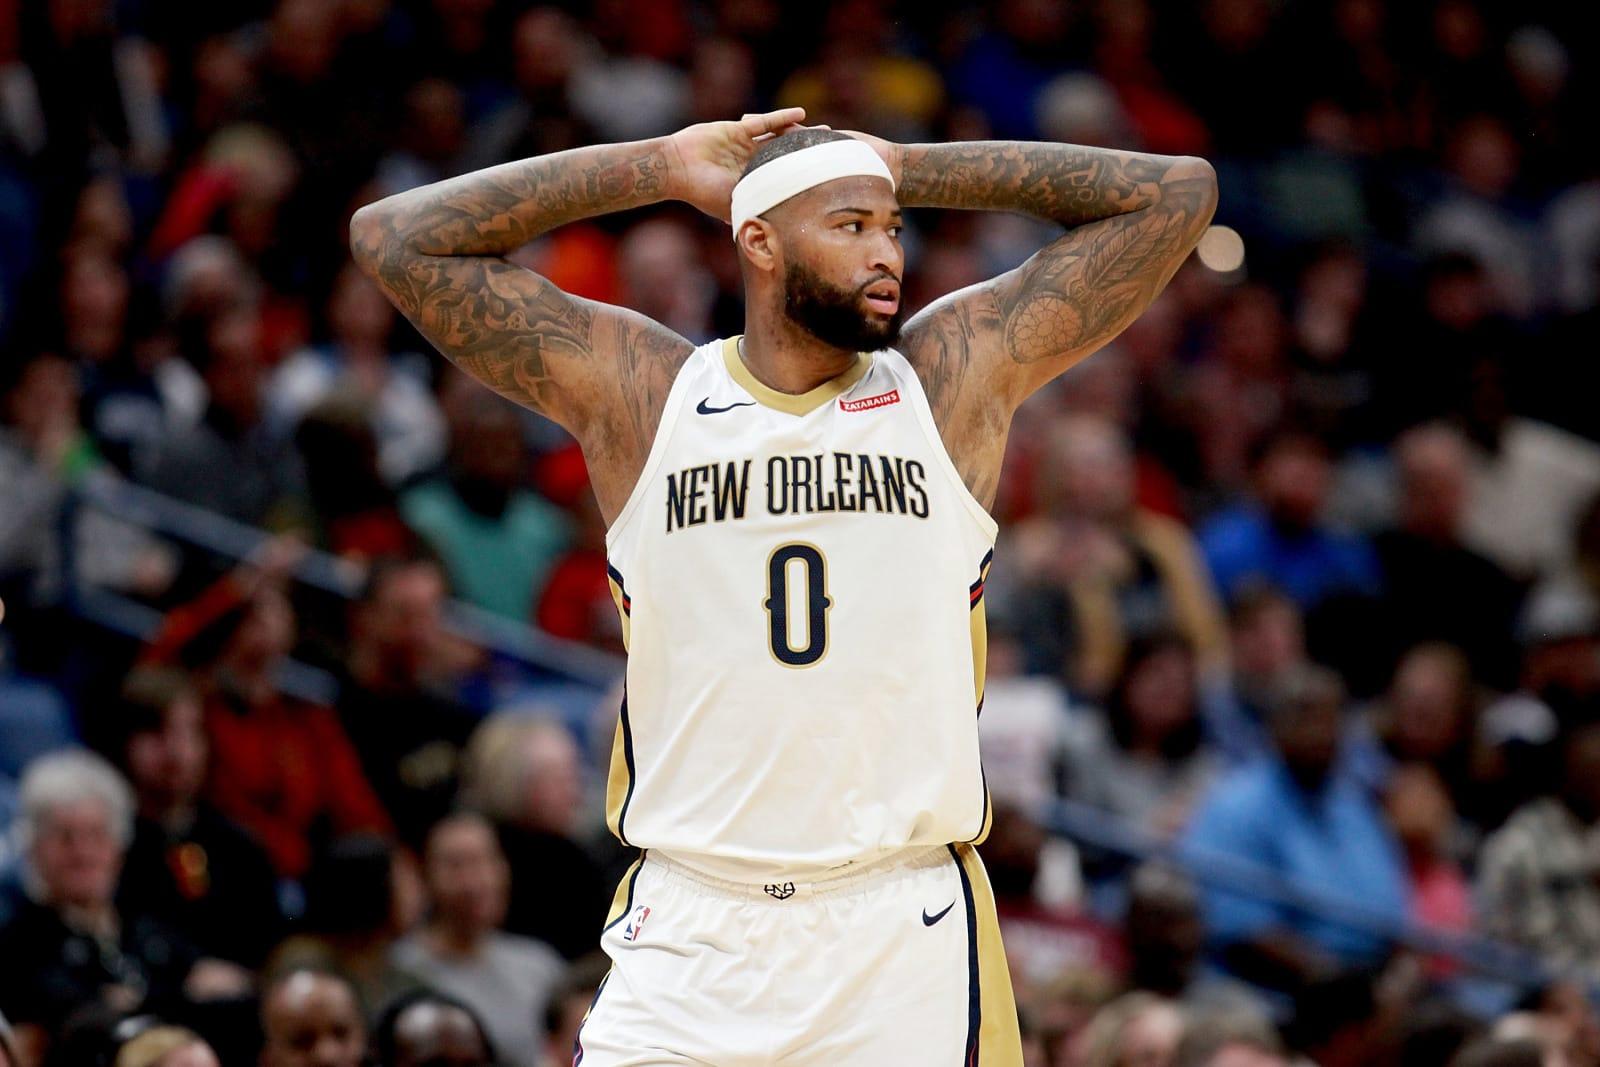 New Orleans Pelicans, DeMarcus Cousins